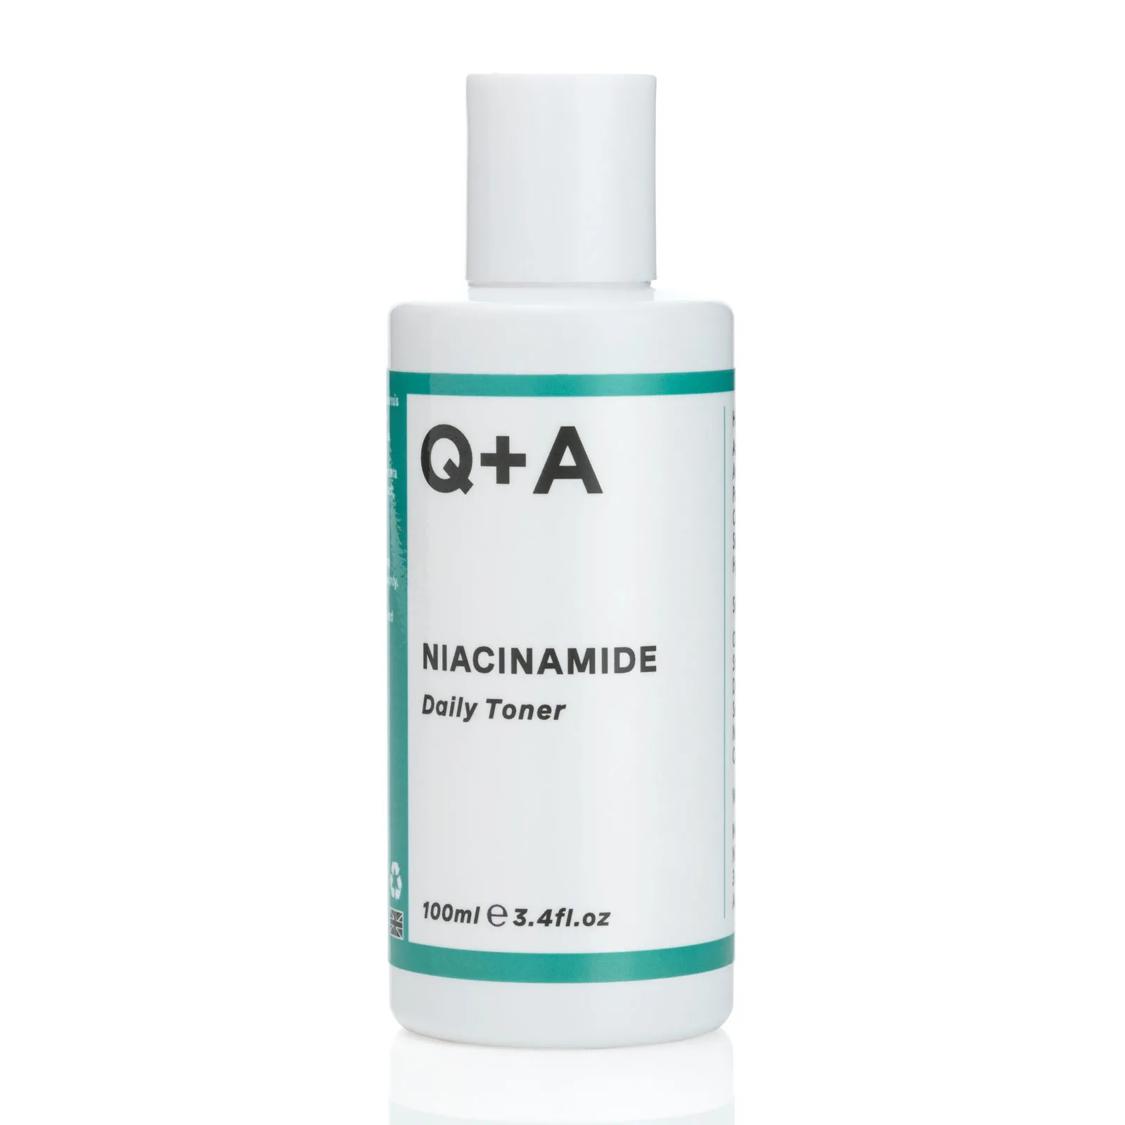 Skincare SOS with Feelunique